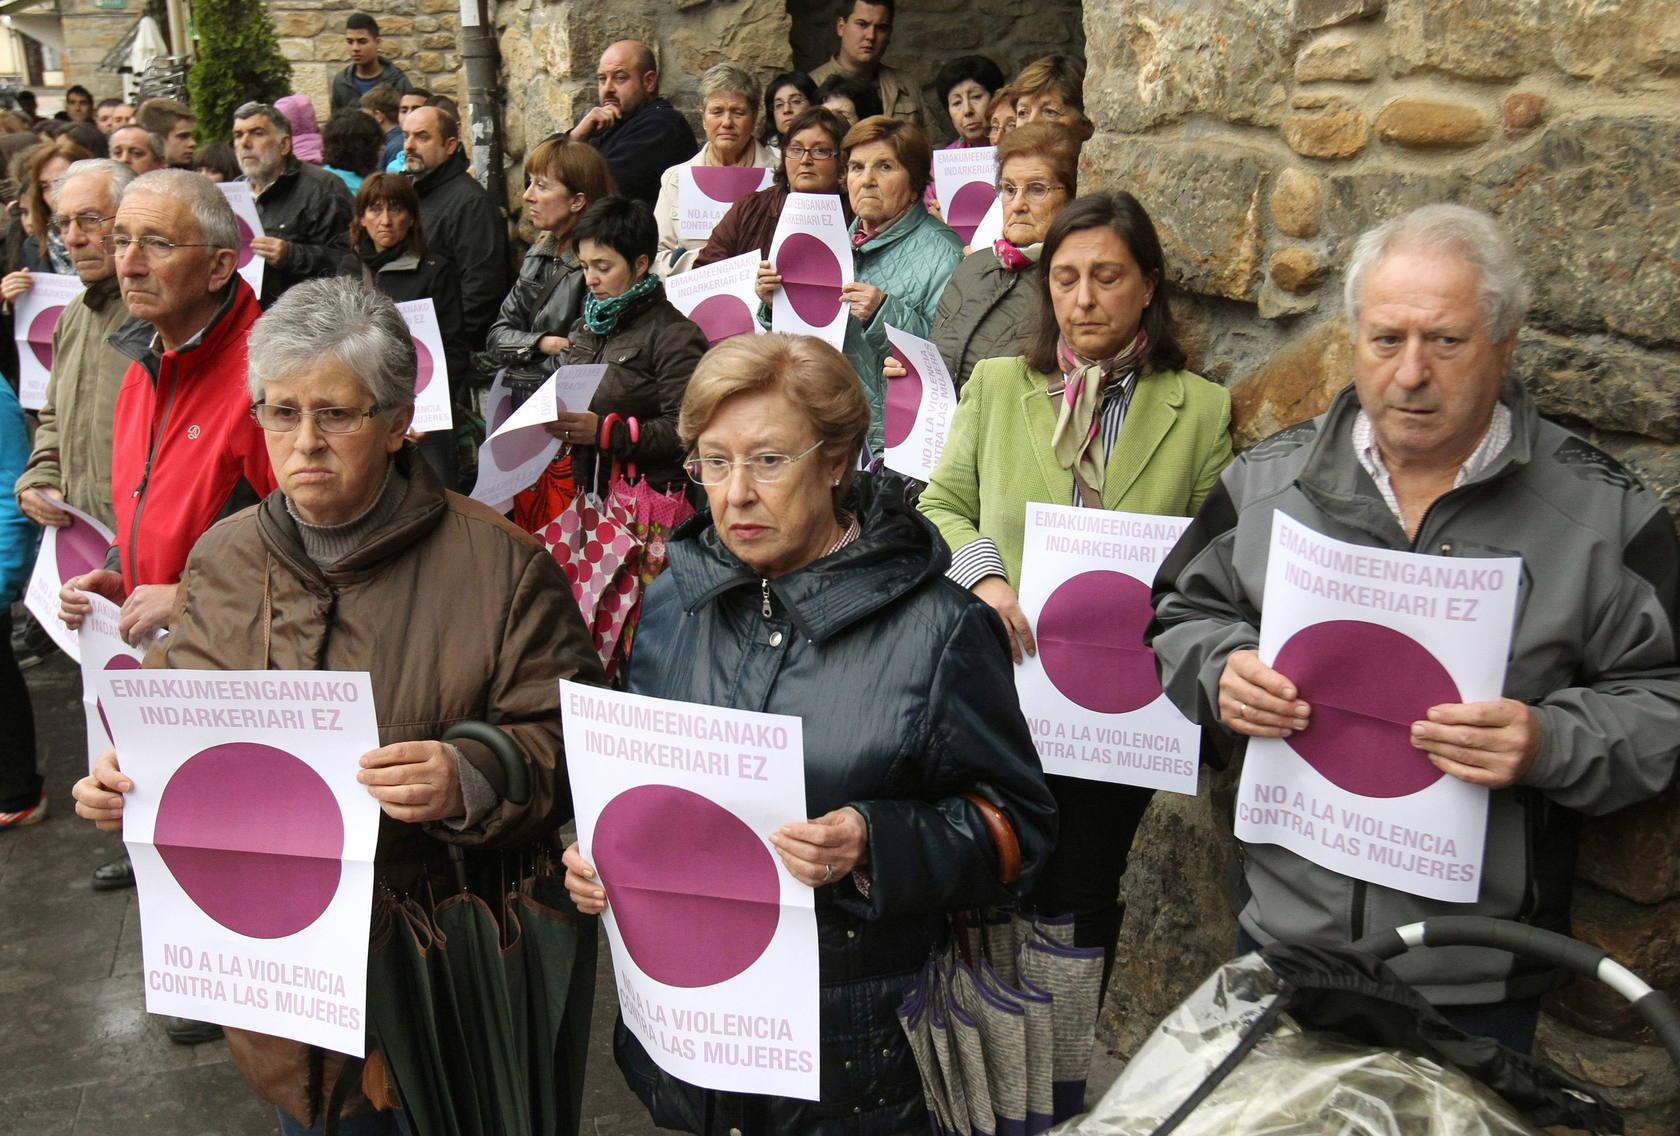 Concentraciones en Llodio y Orozko en repulsa por el asesinato de Amaia Elezkano en Llodio